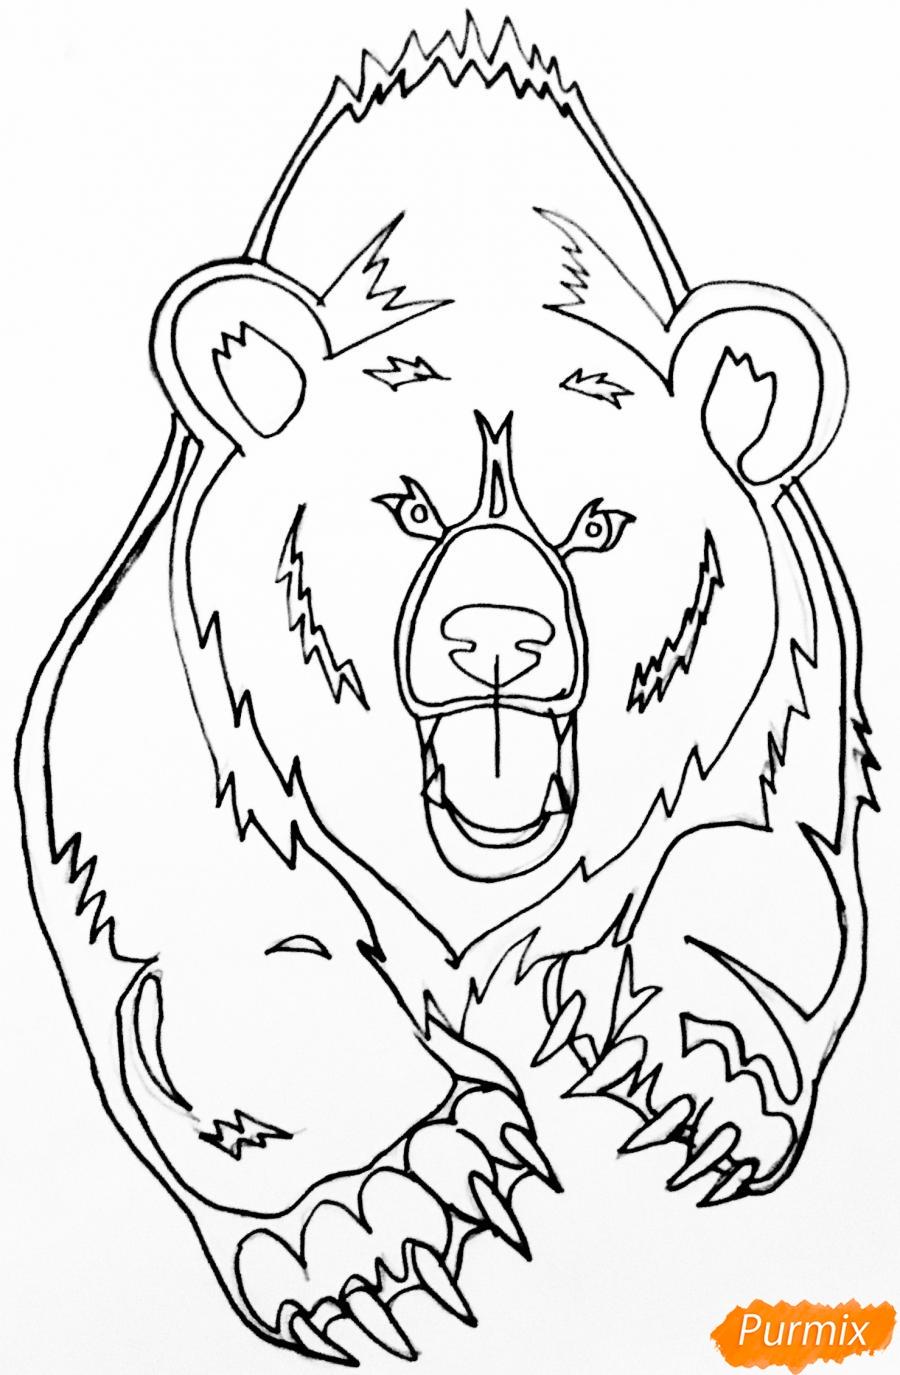 Рисуем медведя в стиле тату - фото 7